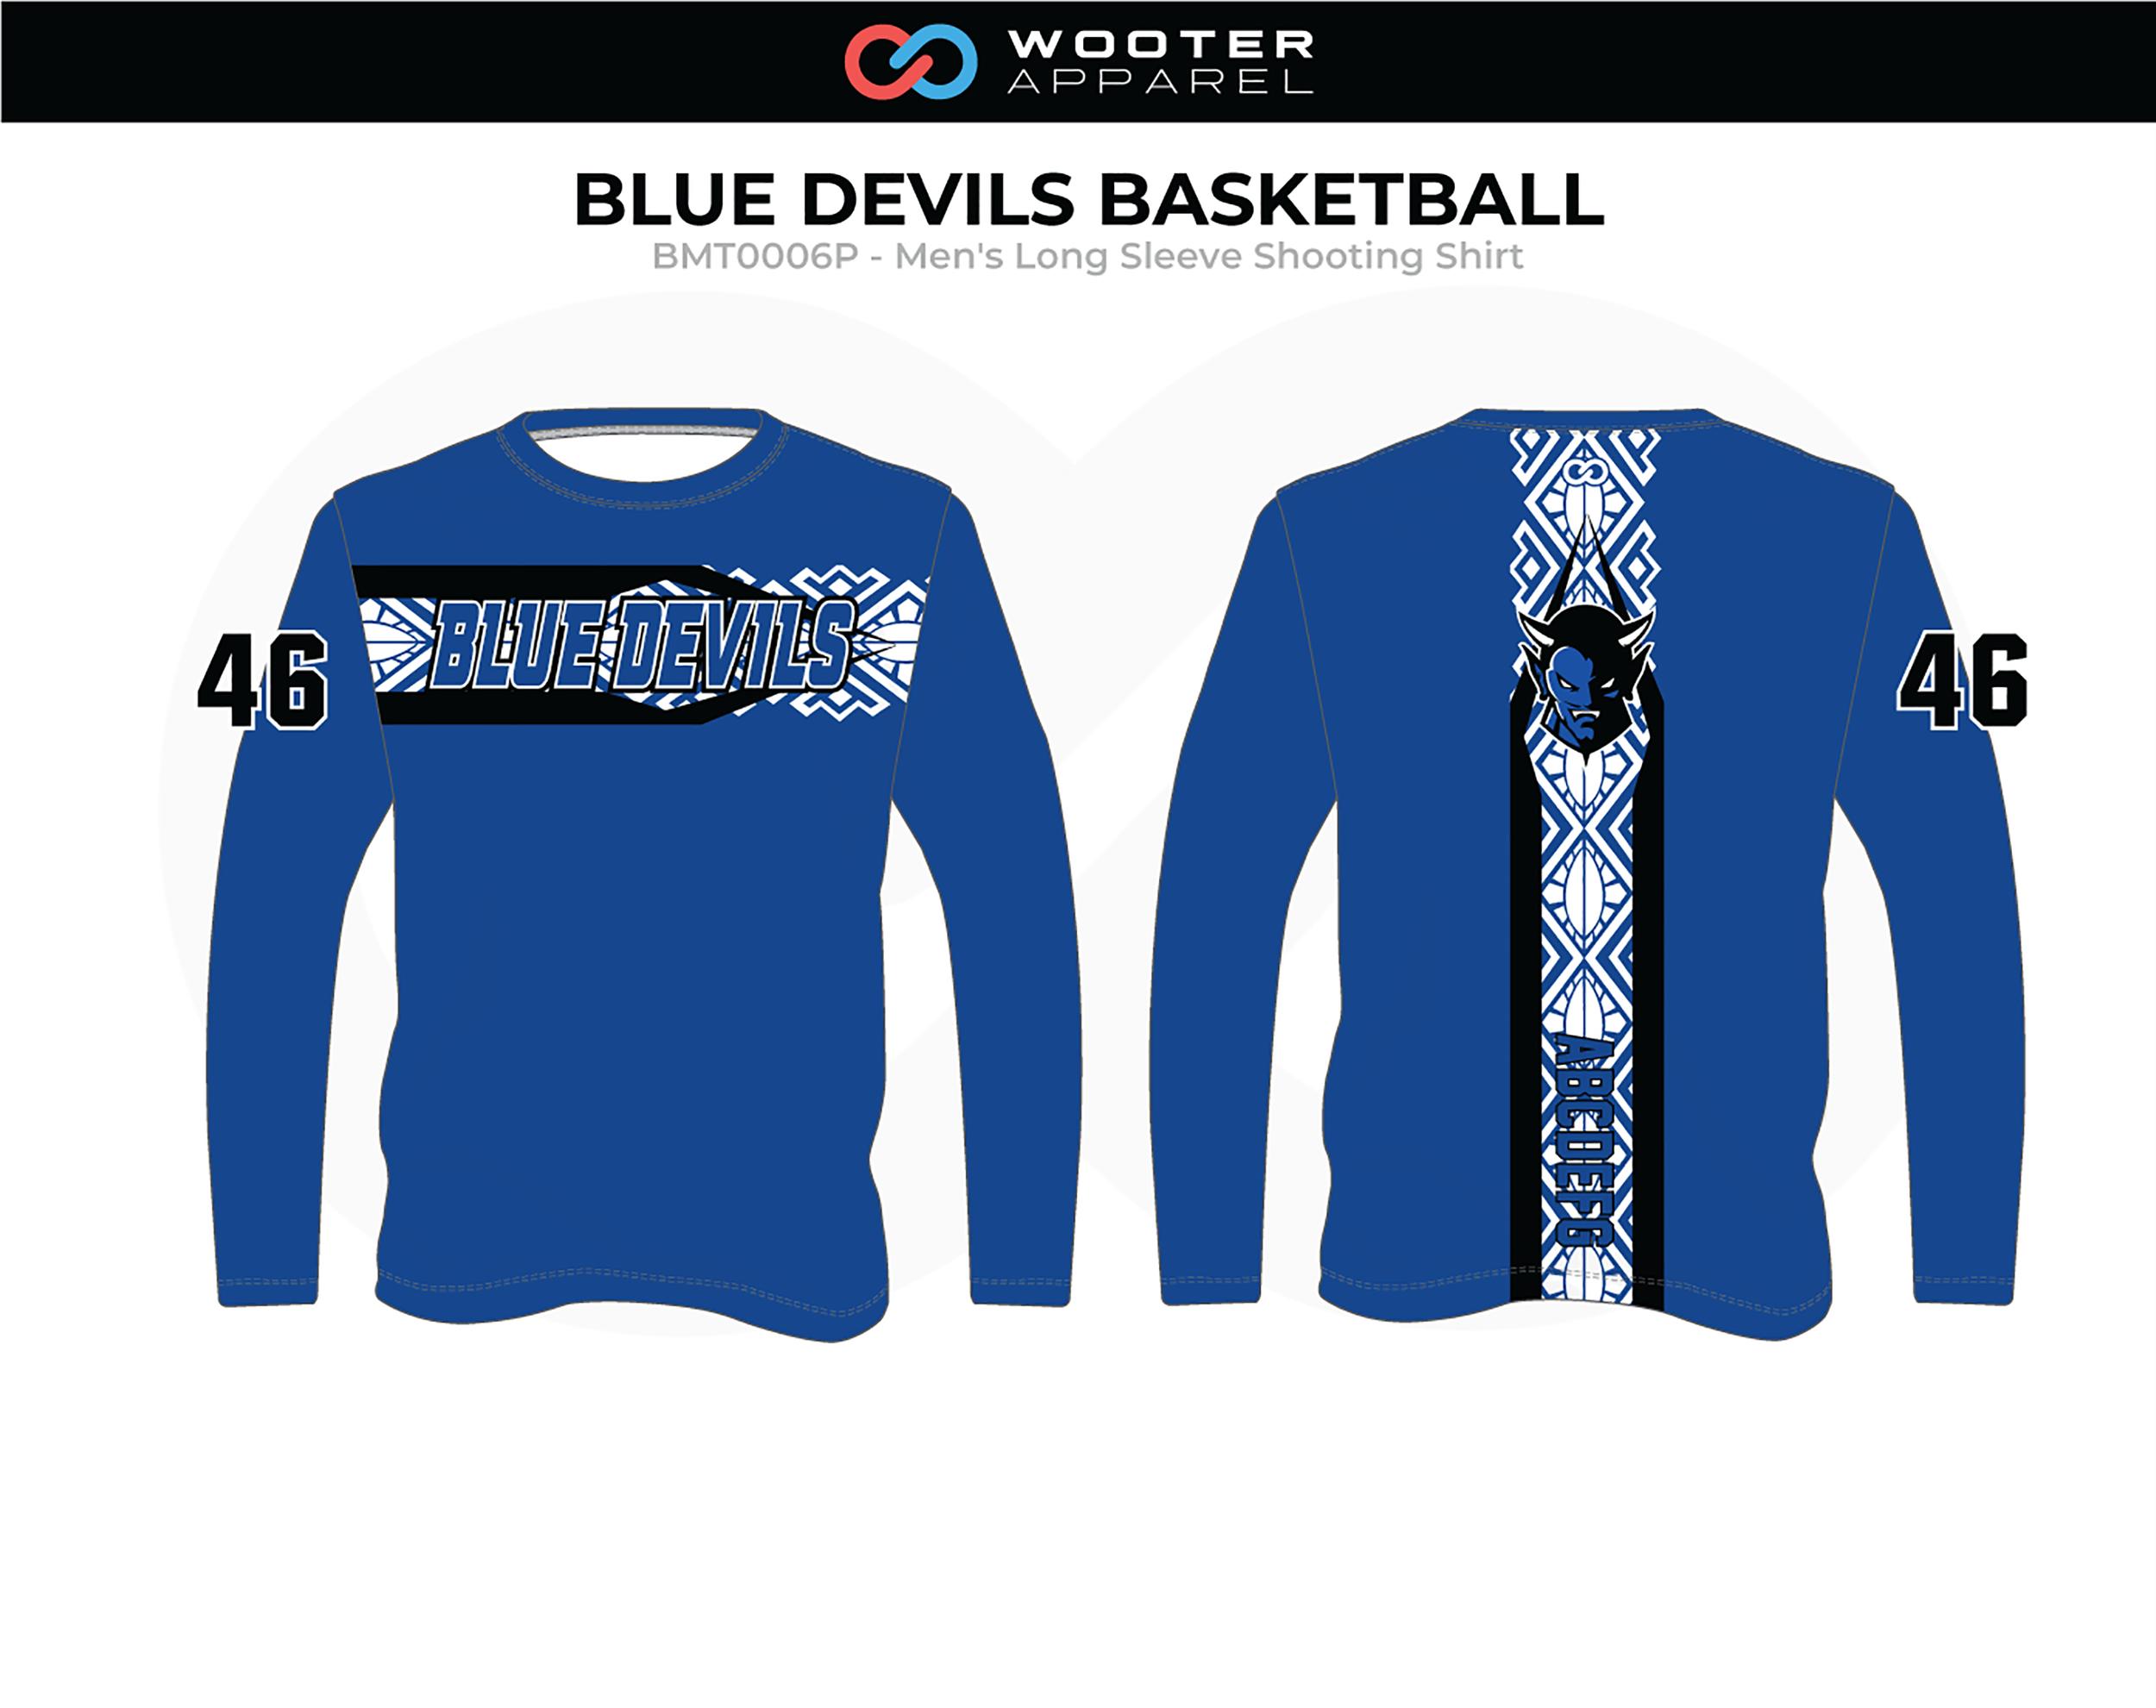 BLUE DEVILS Blue White Black Men's Long Sleeve Basketball Shooting Shirt